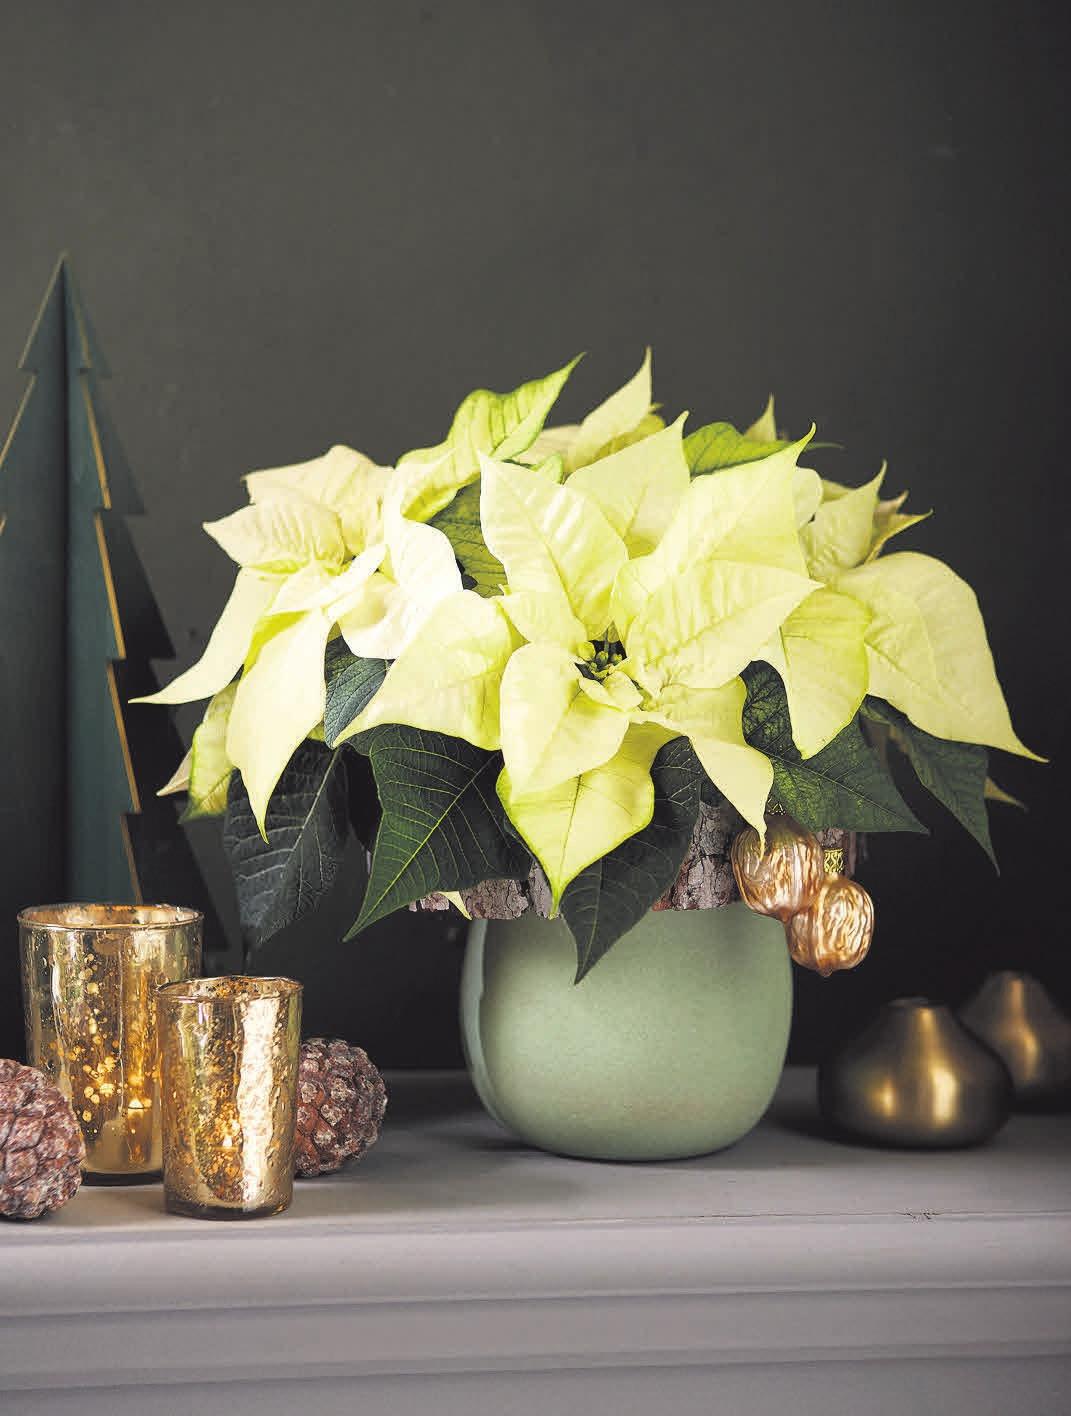 In ihrer unaufdringlichen Schönheit wirken cremefarbene Weihnachtssterne besonders edel und elegant.FOTO:STARS FOR EUROPE